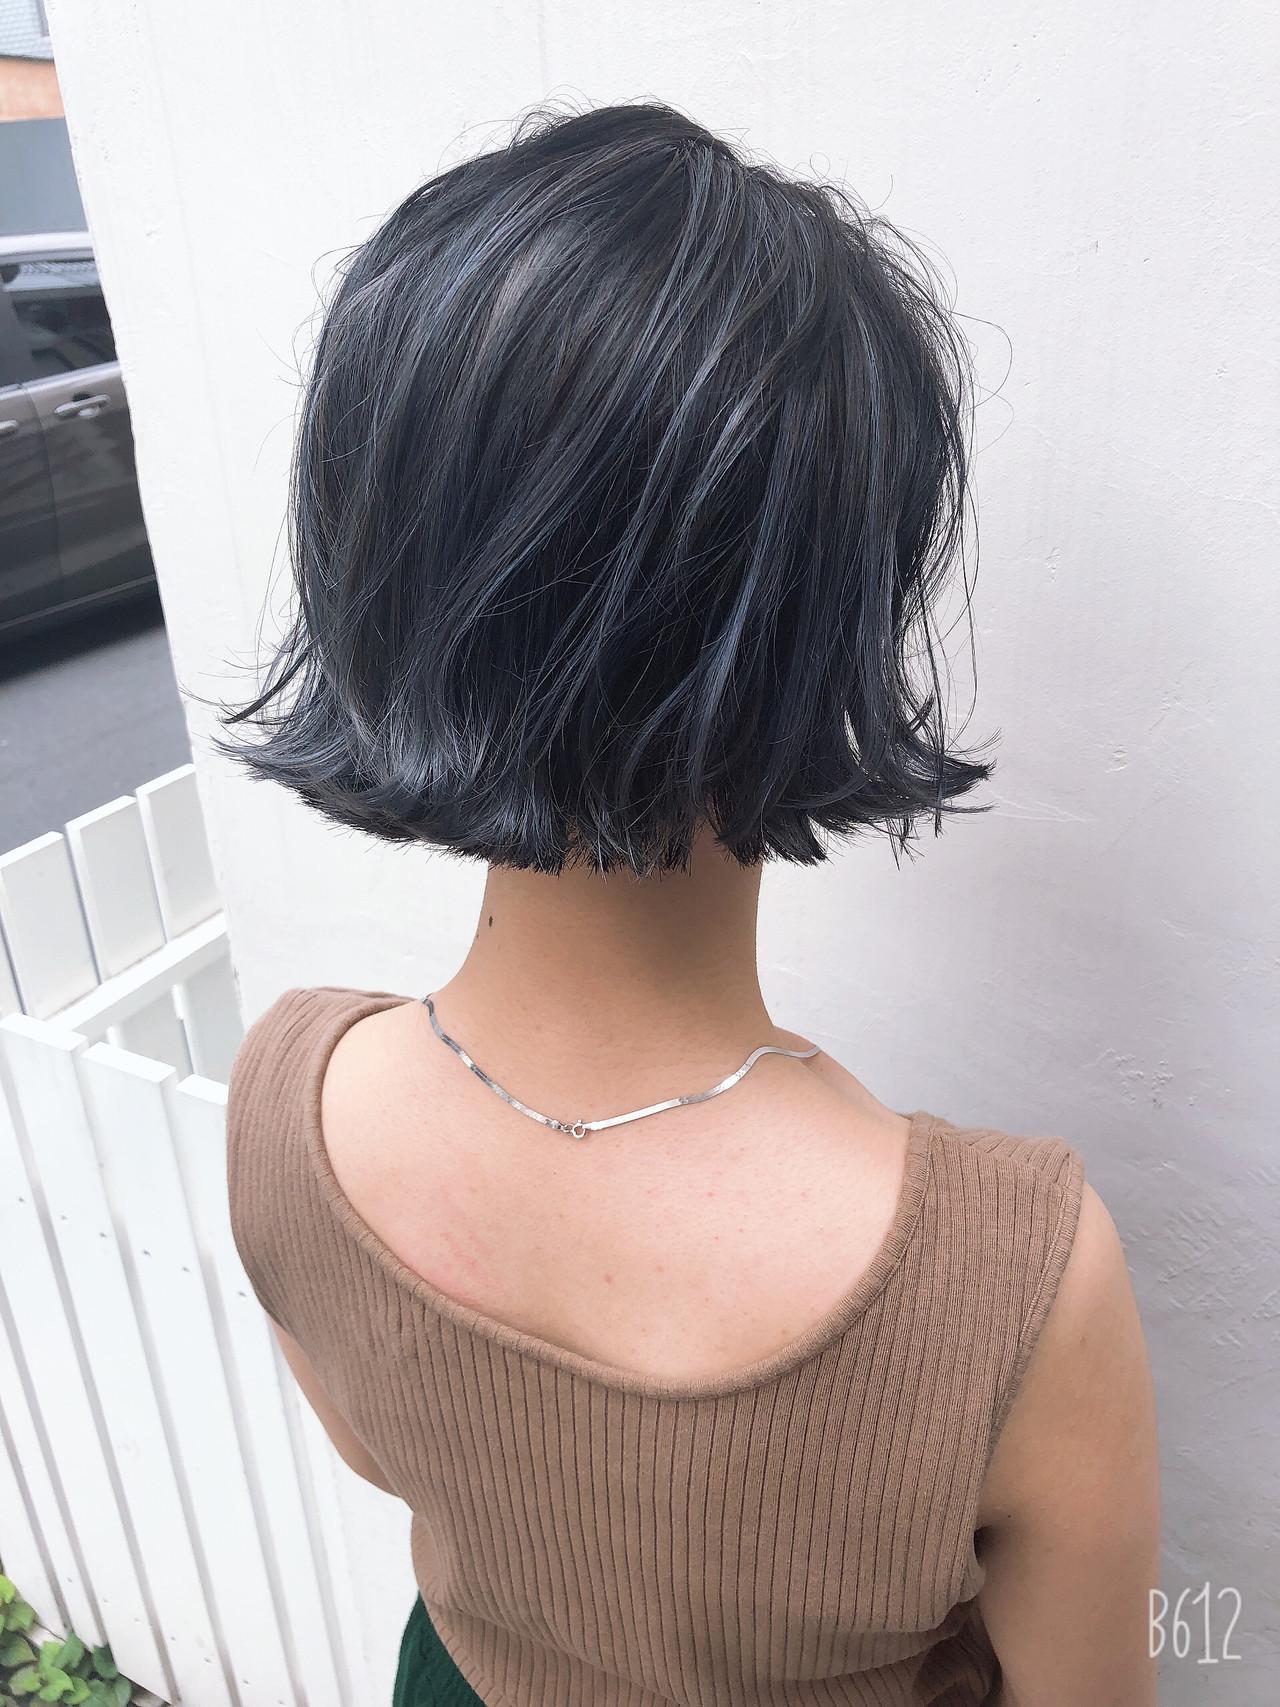 ハイライト ボブ ナチュラル アンニュイほつれヘア ヘアスタイルや髪型の写真・画像